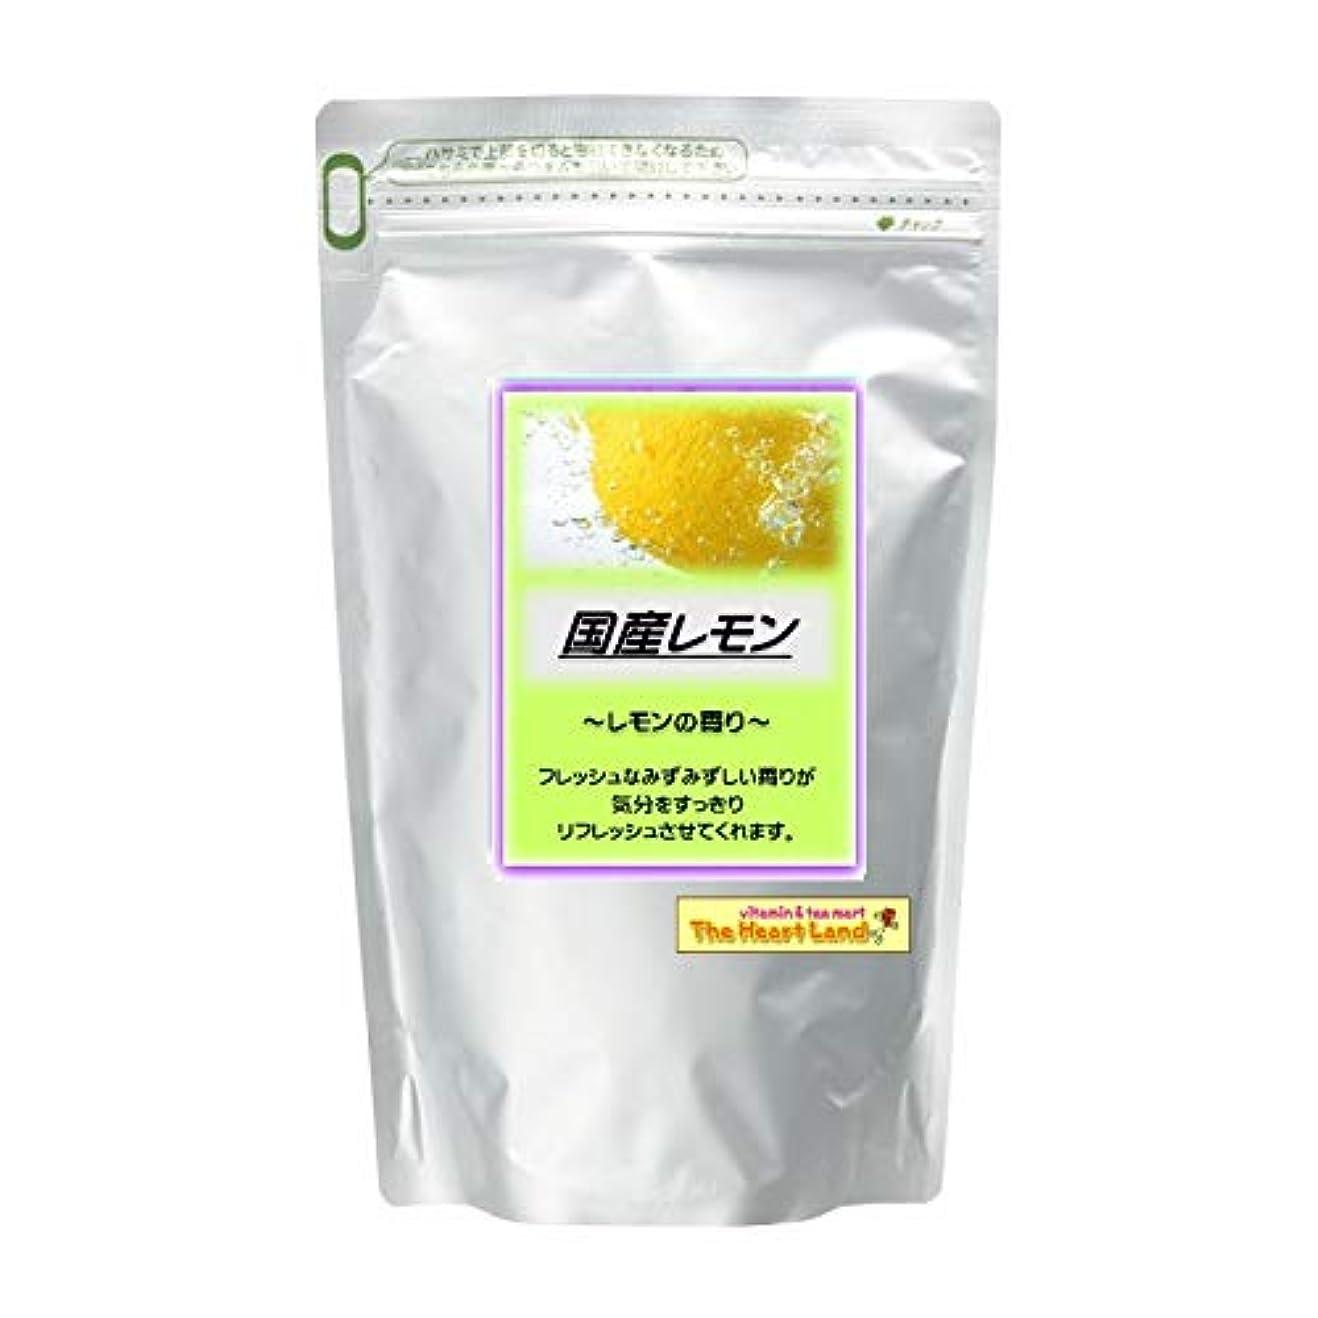 ベアリングサークル聴覚情報アサヒ入浴剤 浴用入浴化粧品 国産レモン 300g